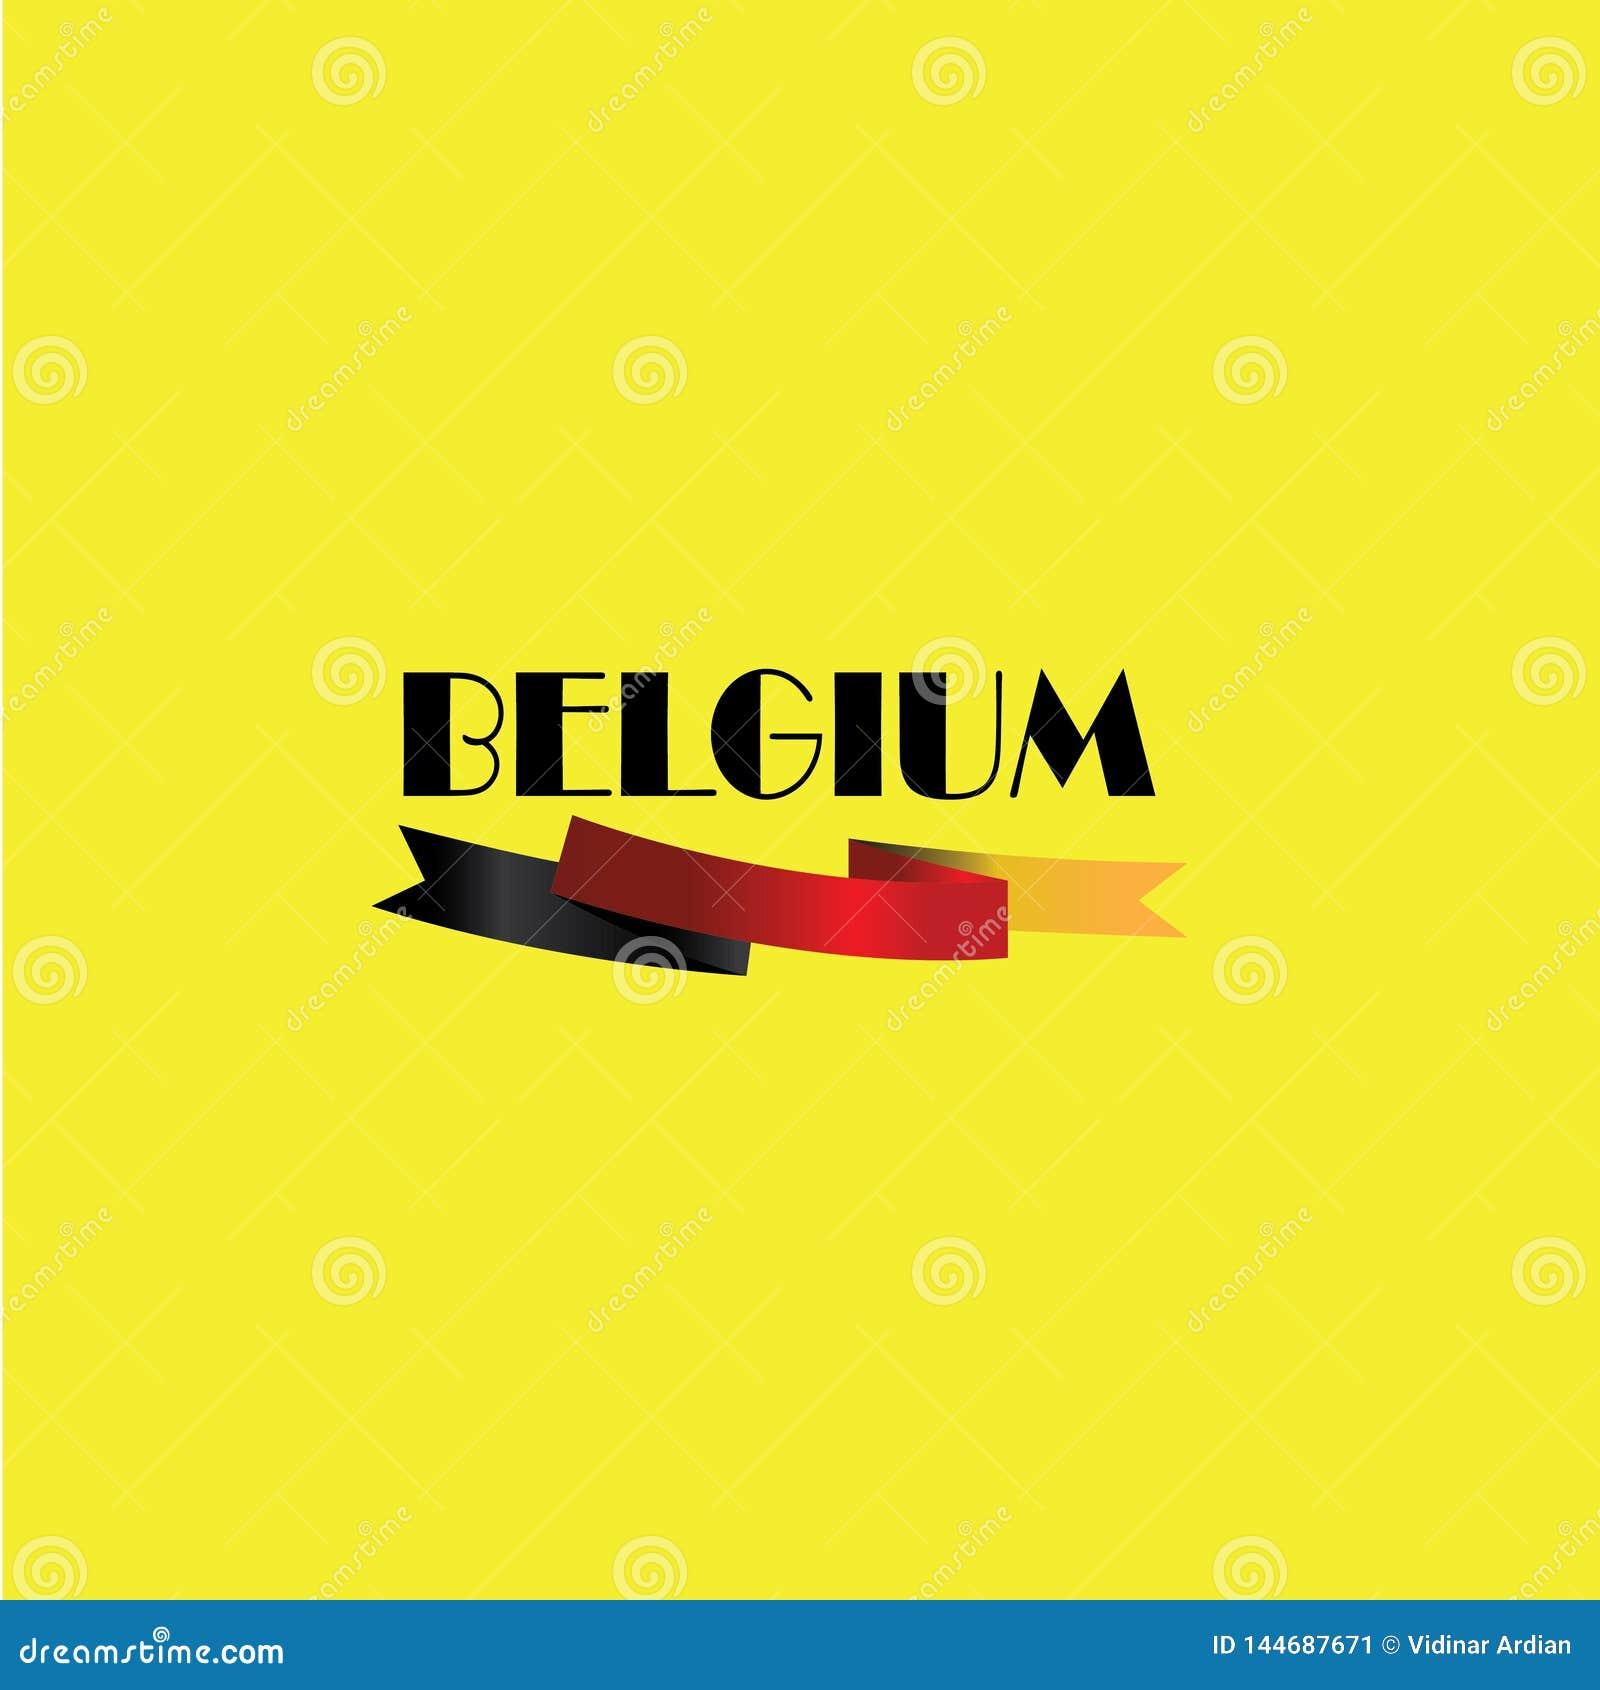 Vectorillustratie, banner of affiche voor onafhankelijkheidsdag van Belgi?